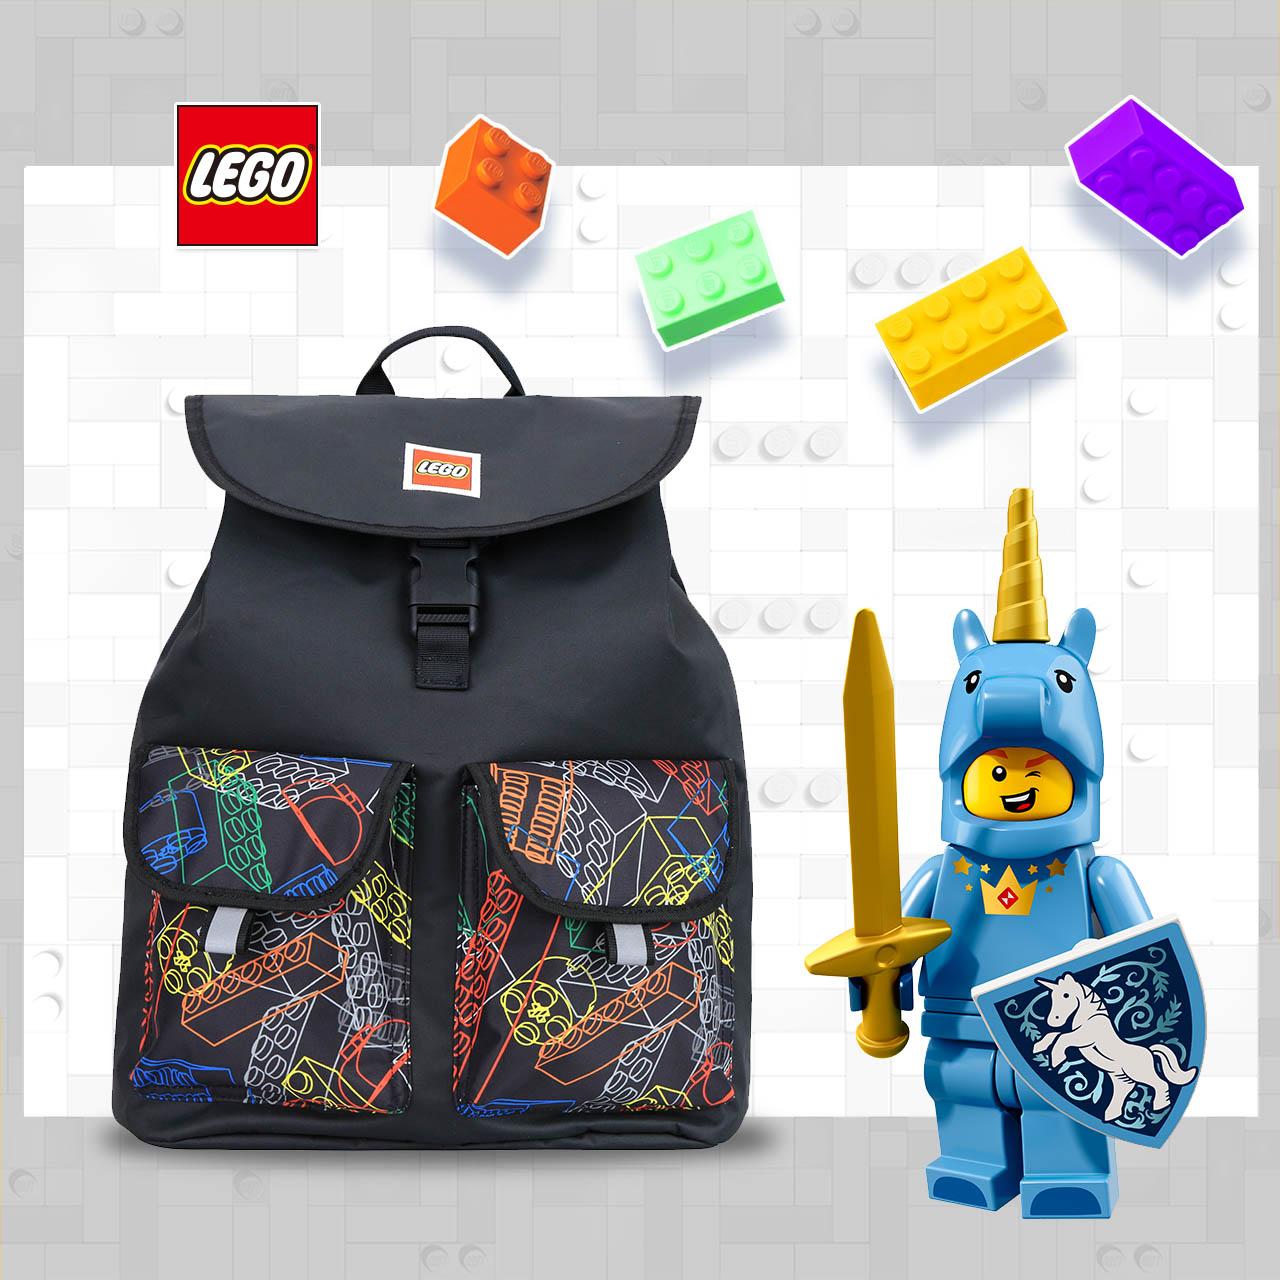 LEGO丹麥樂高積木背景背包-彩色 20132-1942